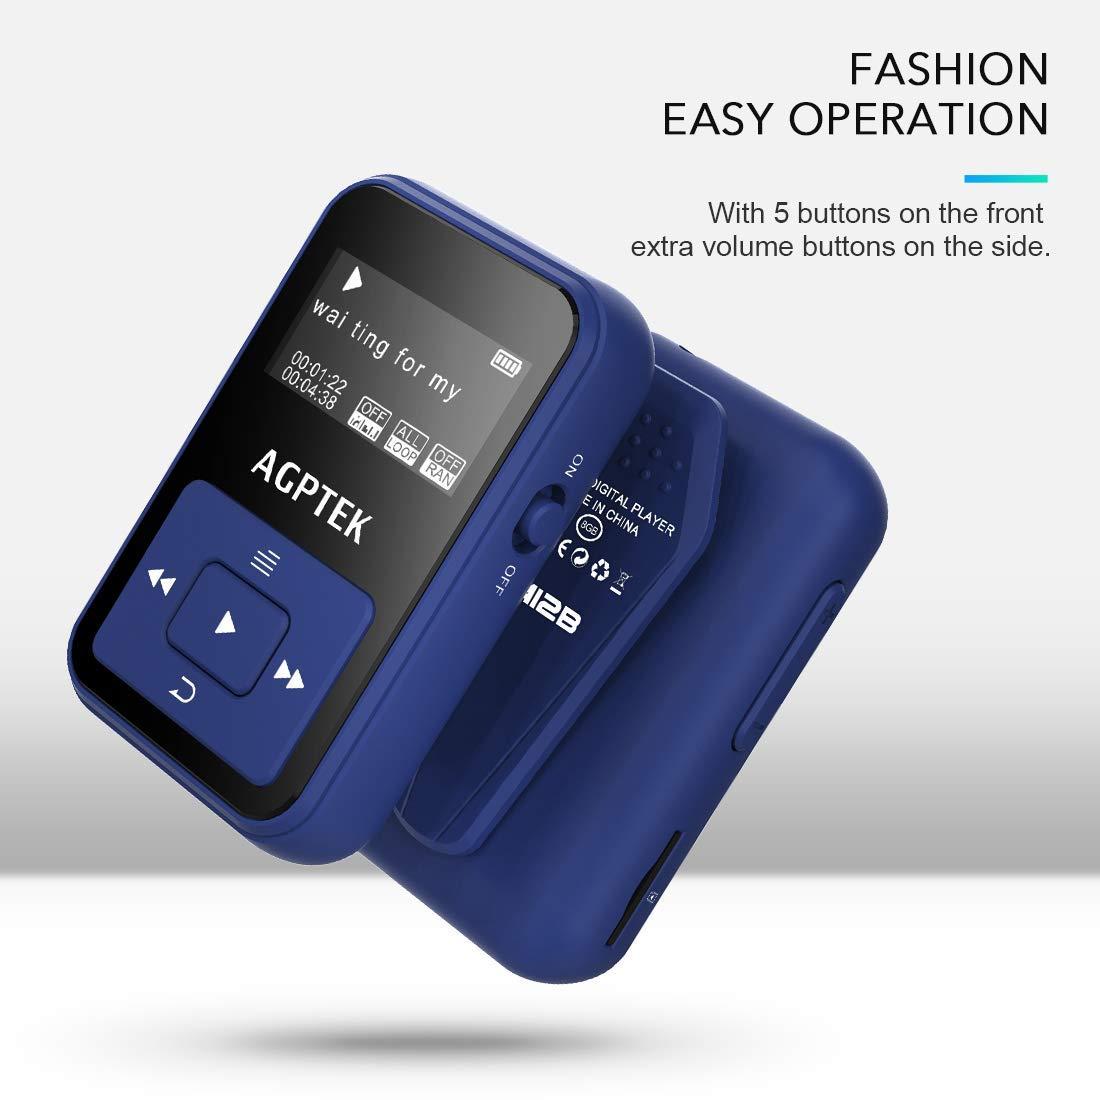 AGPtek A12 8 GB Clip Bluetooth Reproductor de MP3, deportes Clip sonido de alta fidelidad reproductor de música con Radio FM, 1.1 (OLED, a prueba de sudor ...